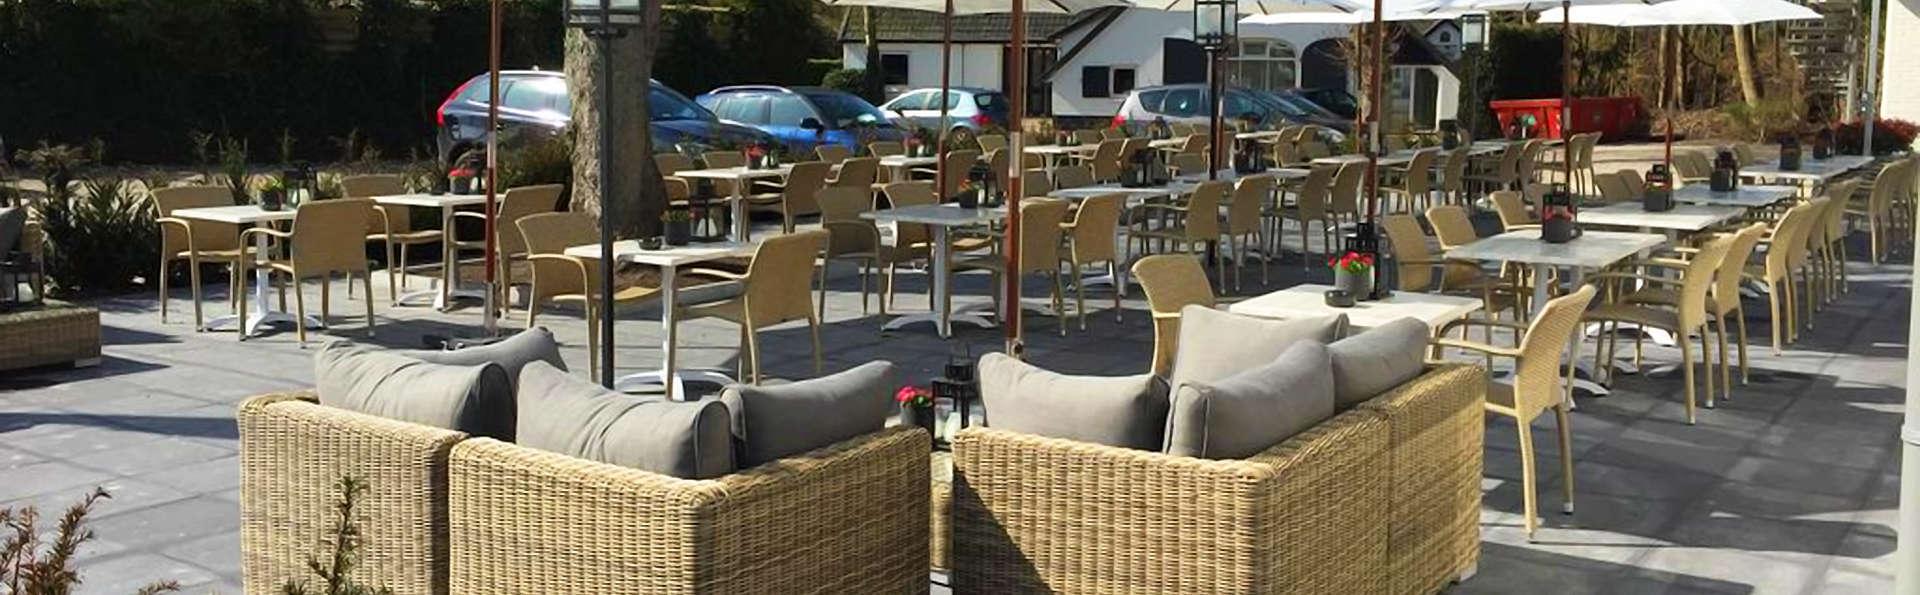 Fletcher Hotel-Restaurant Het Veluwse Bos - EDIT_Terrace.jpg